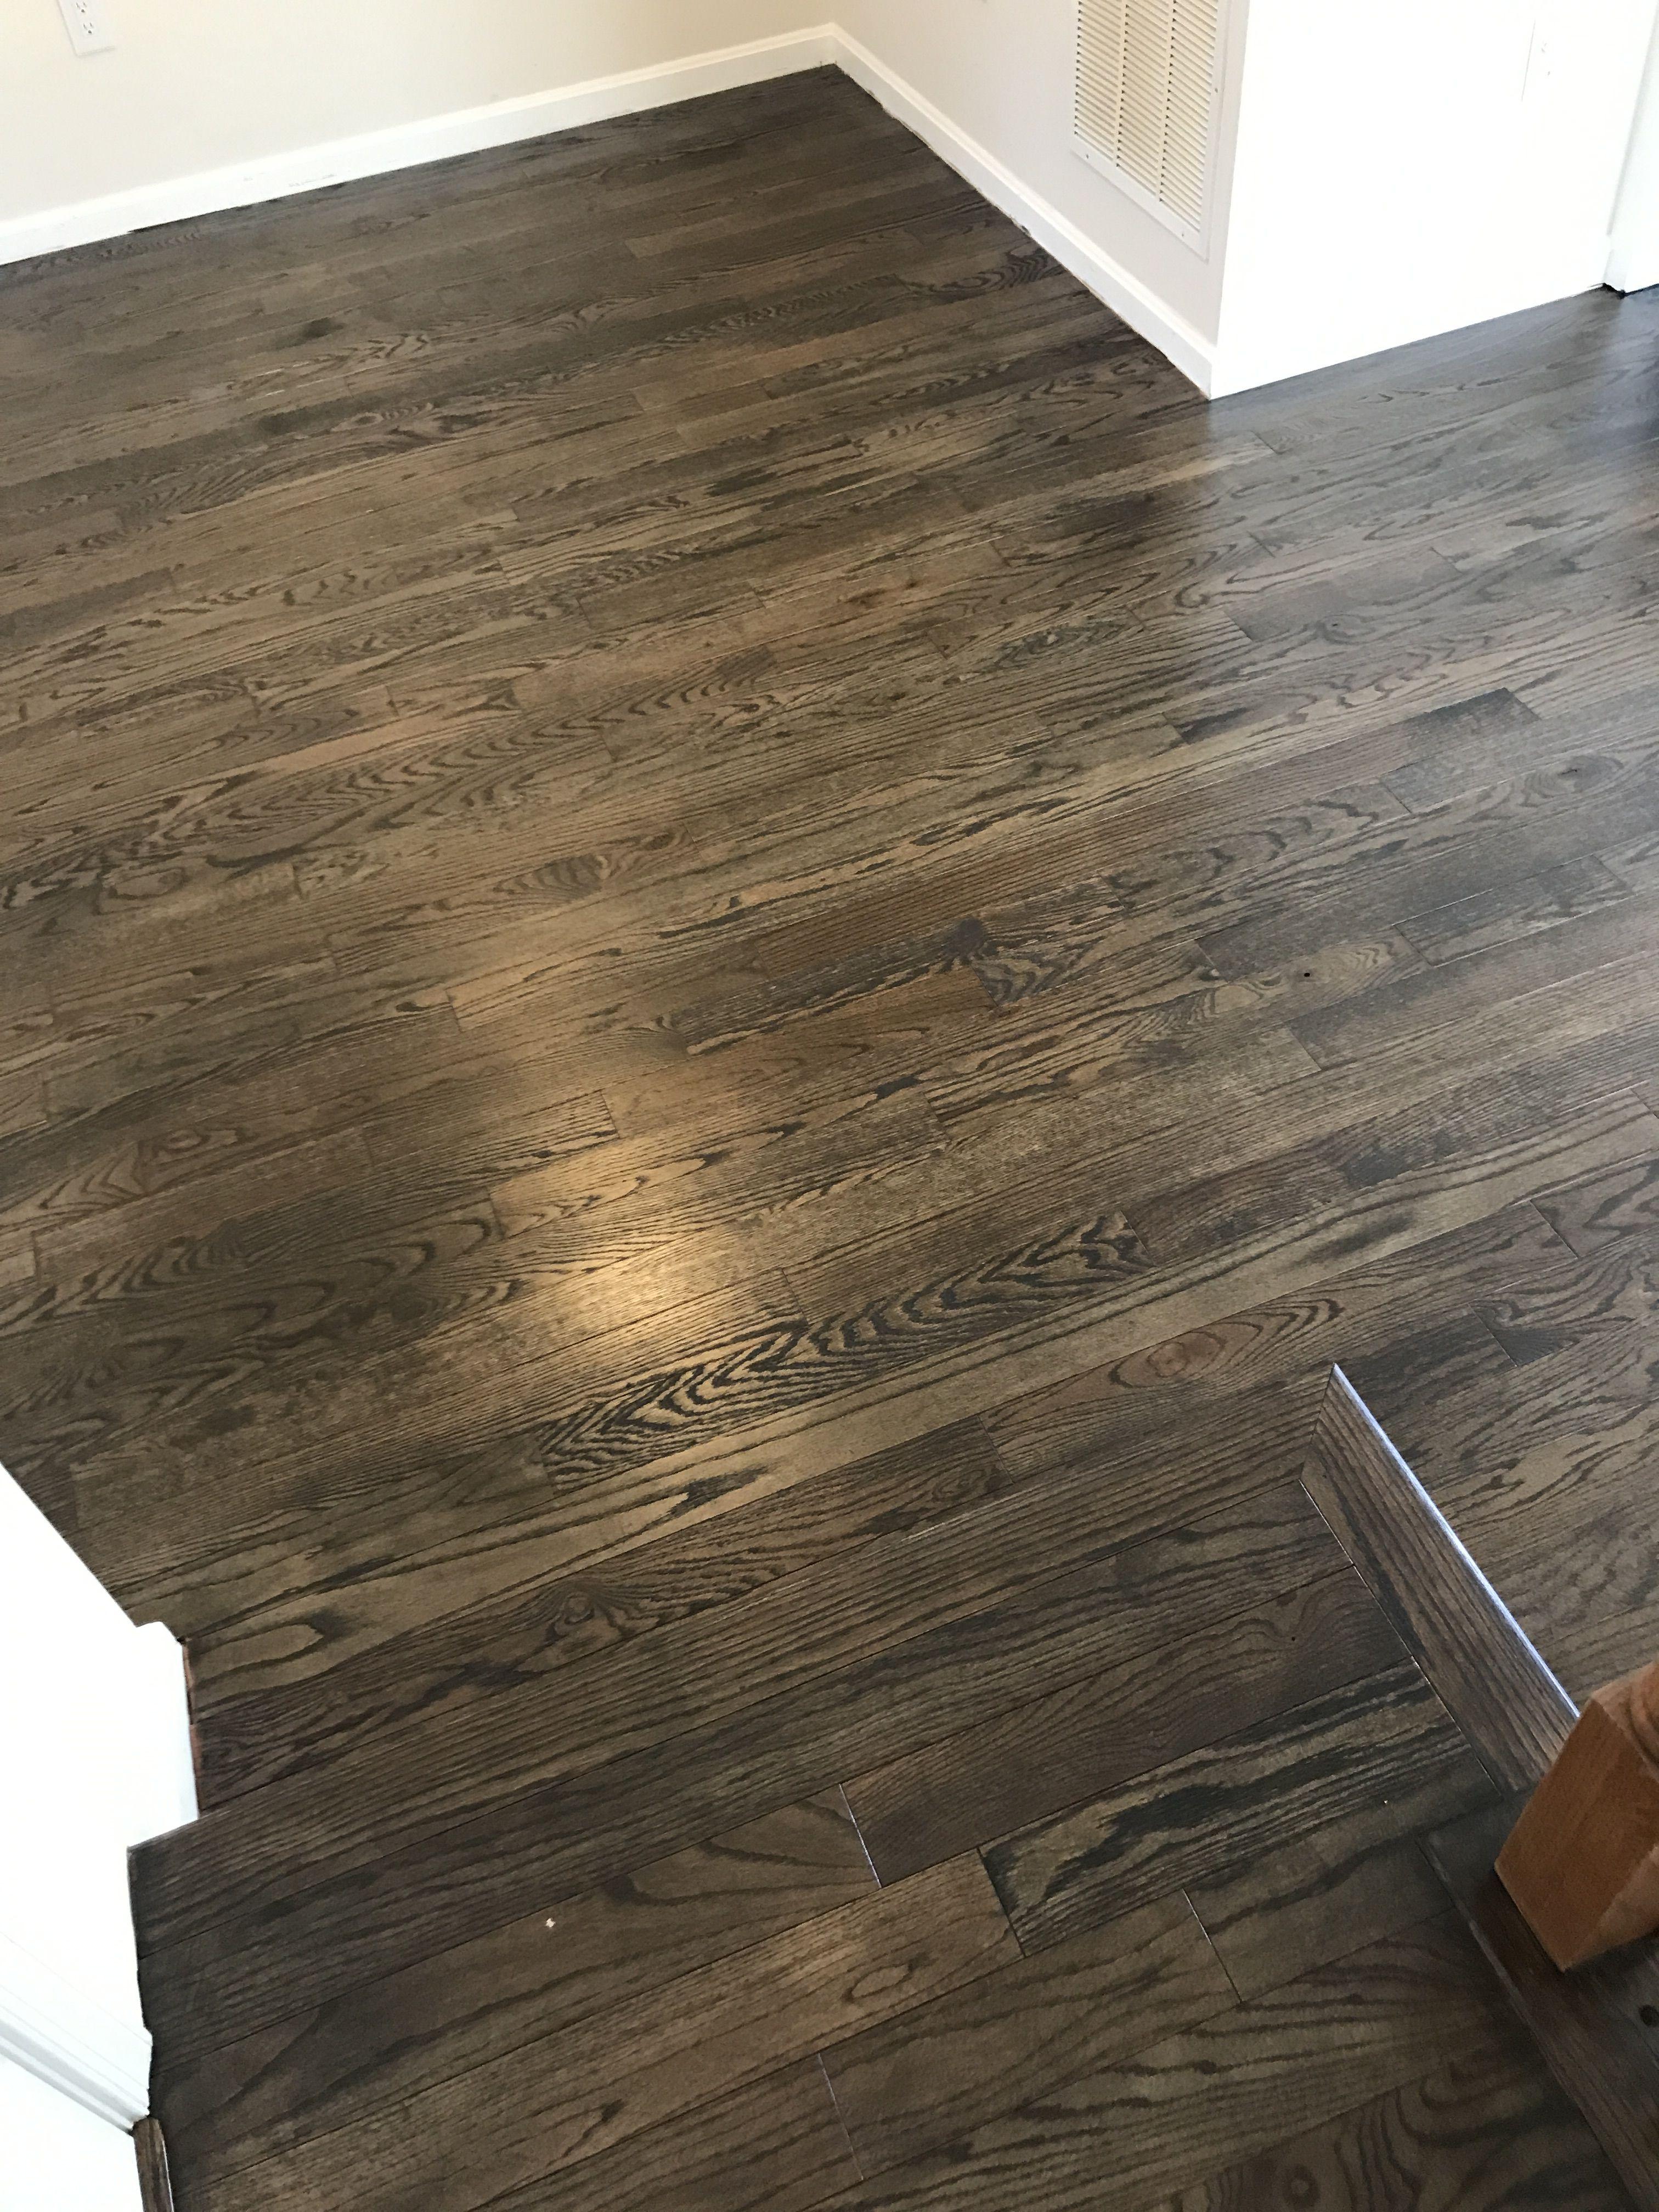 2 Parts Jacobean 1 Part Ebony Minwax Wood Floor Stain Colors Wood Floor Colors Hardwood Floor Stain Colors